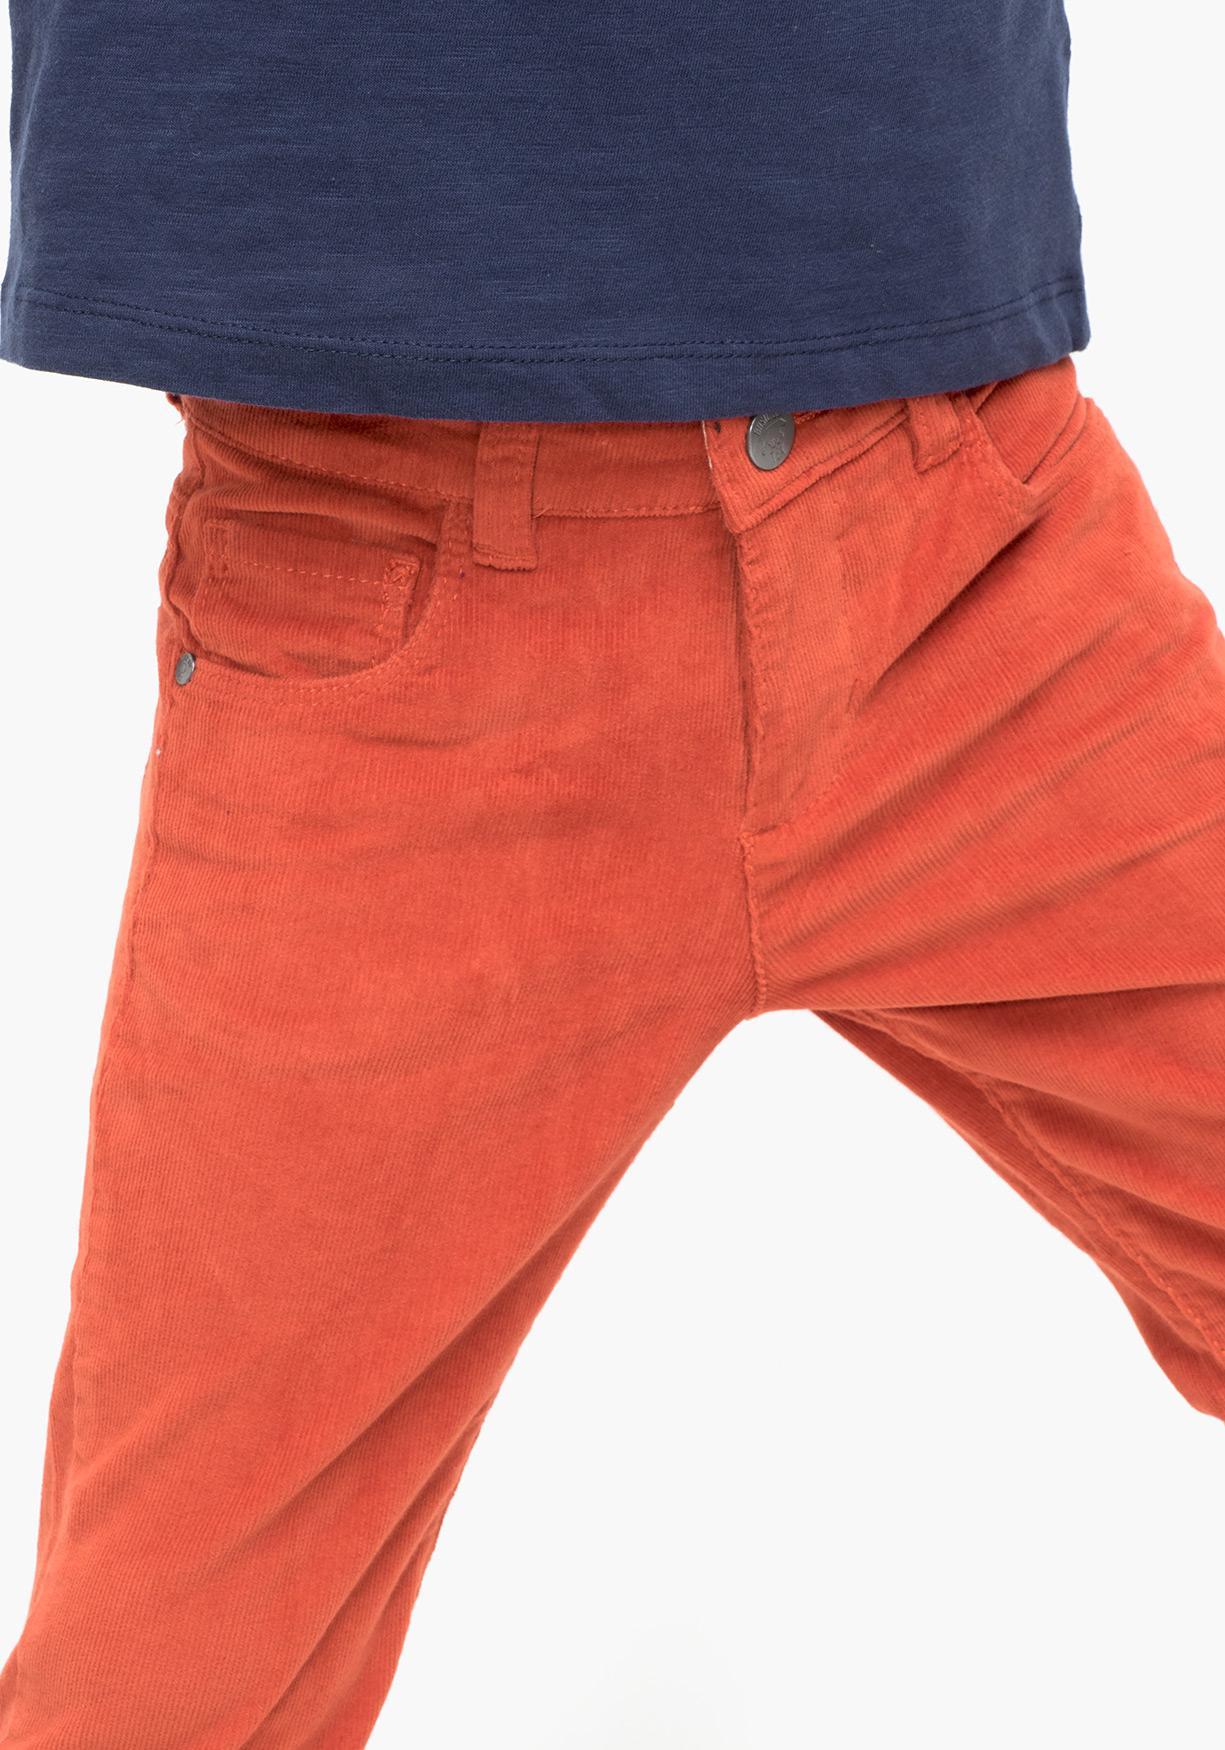 Pantalón Precios Y Tex Comprar Pana Nuestros De ¡aprovéchate dSzYOF 800decbb8001